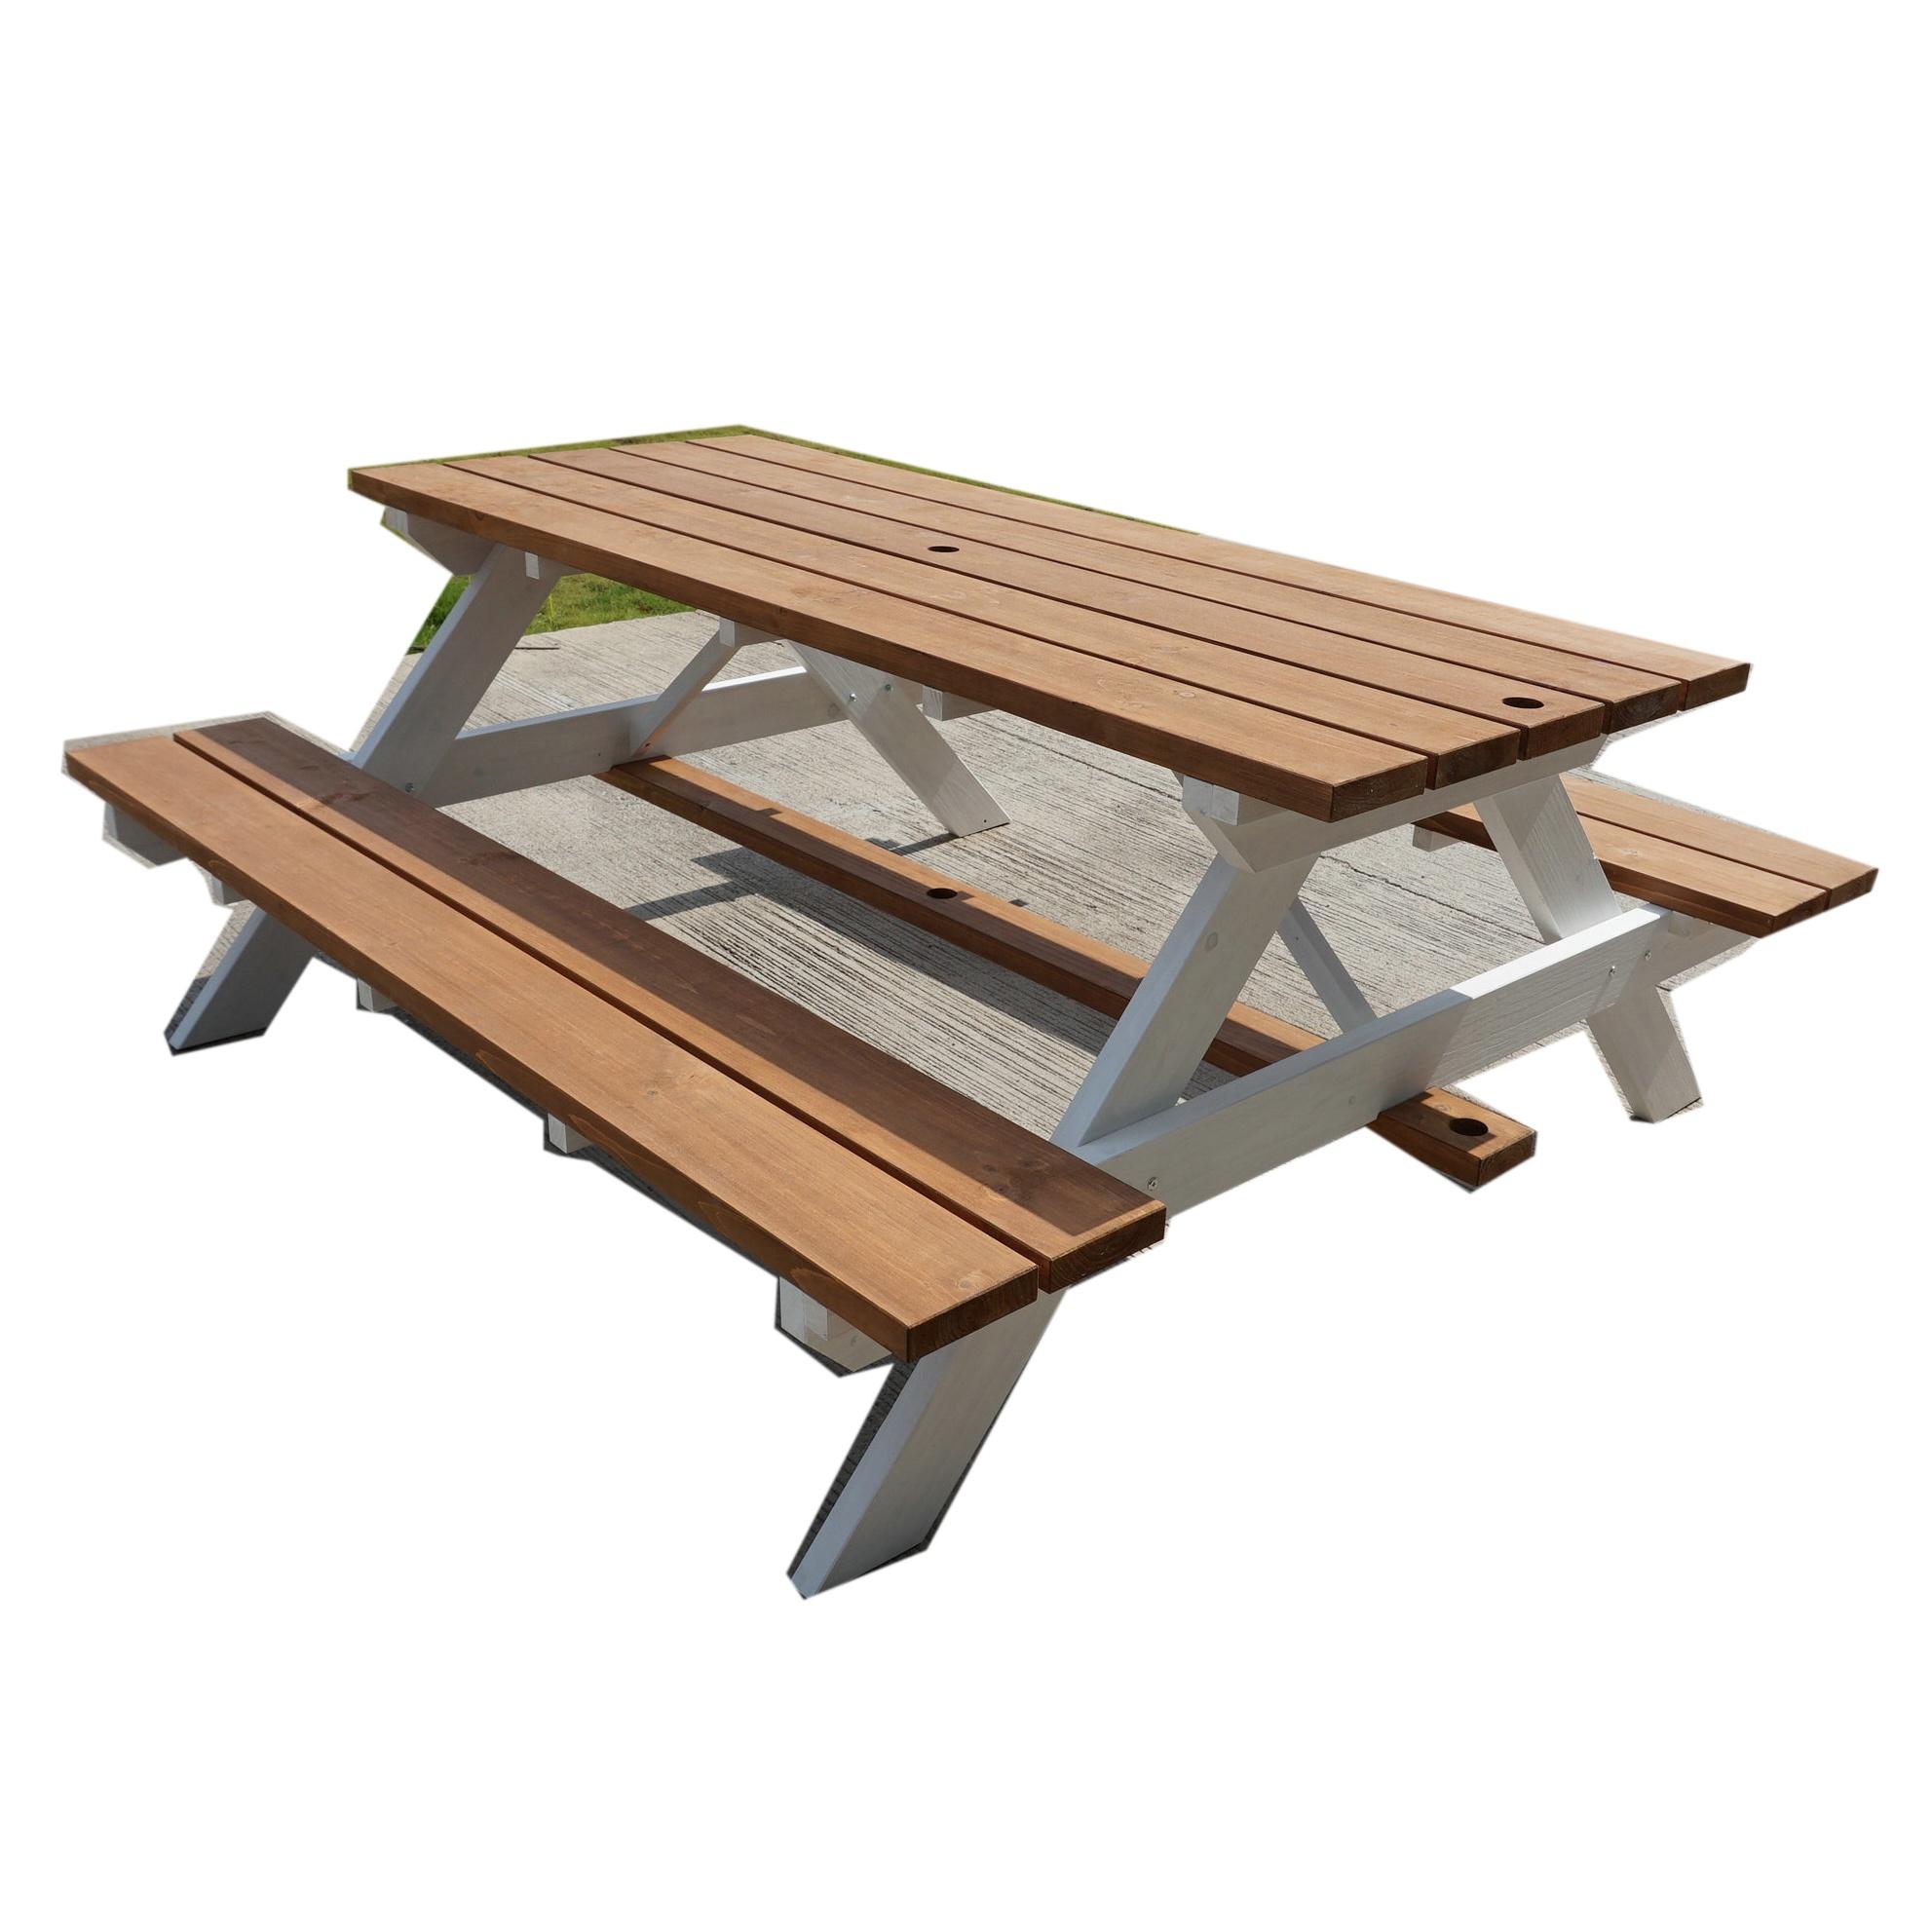 מותאם אישית עץ גן ריהוט פטיו ספסל עם חופה מטריית חוף כיסא